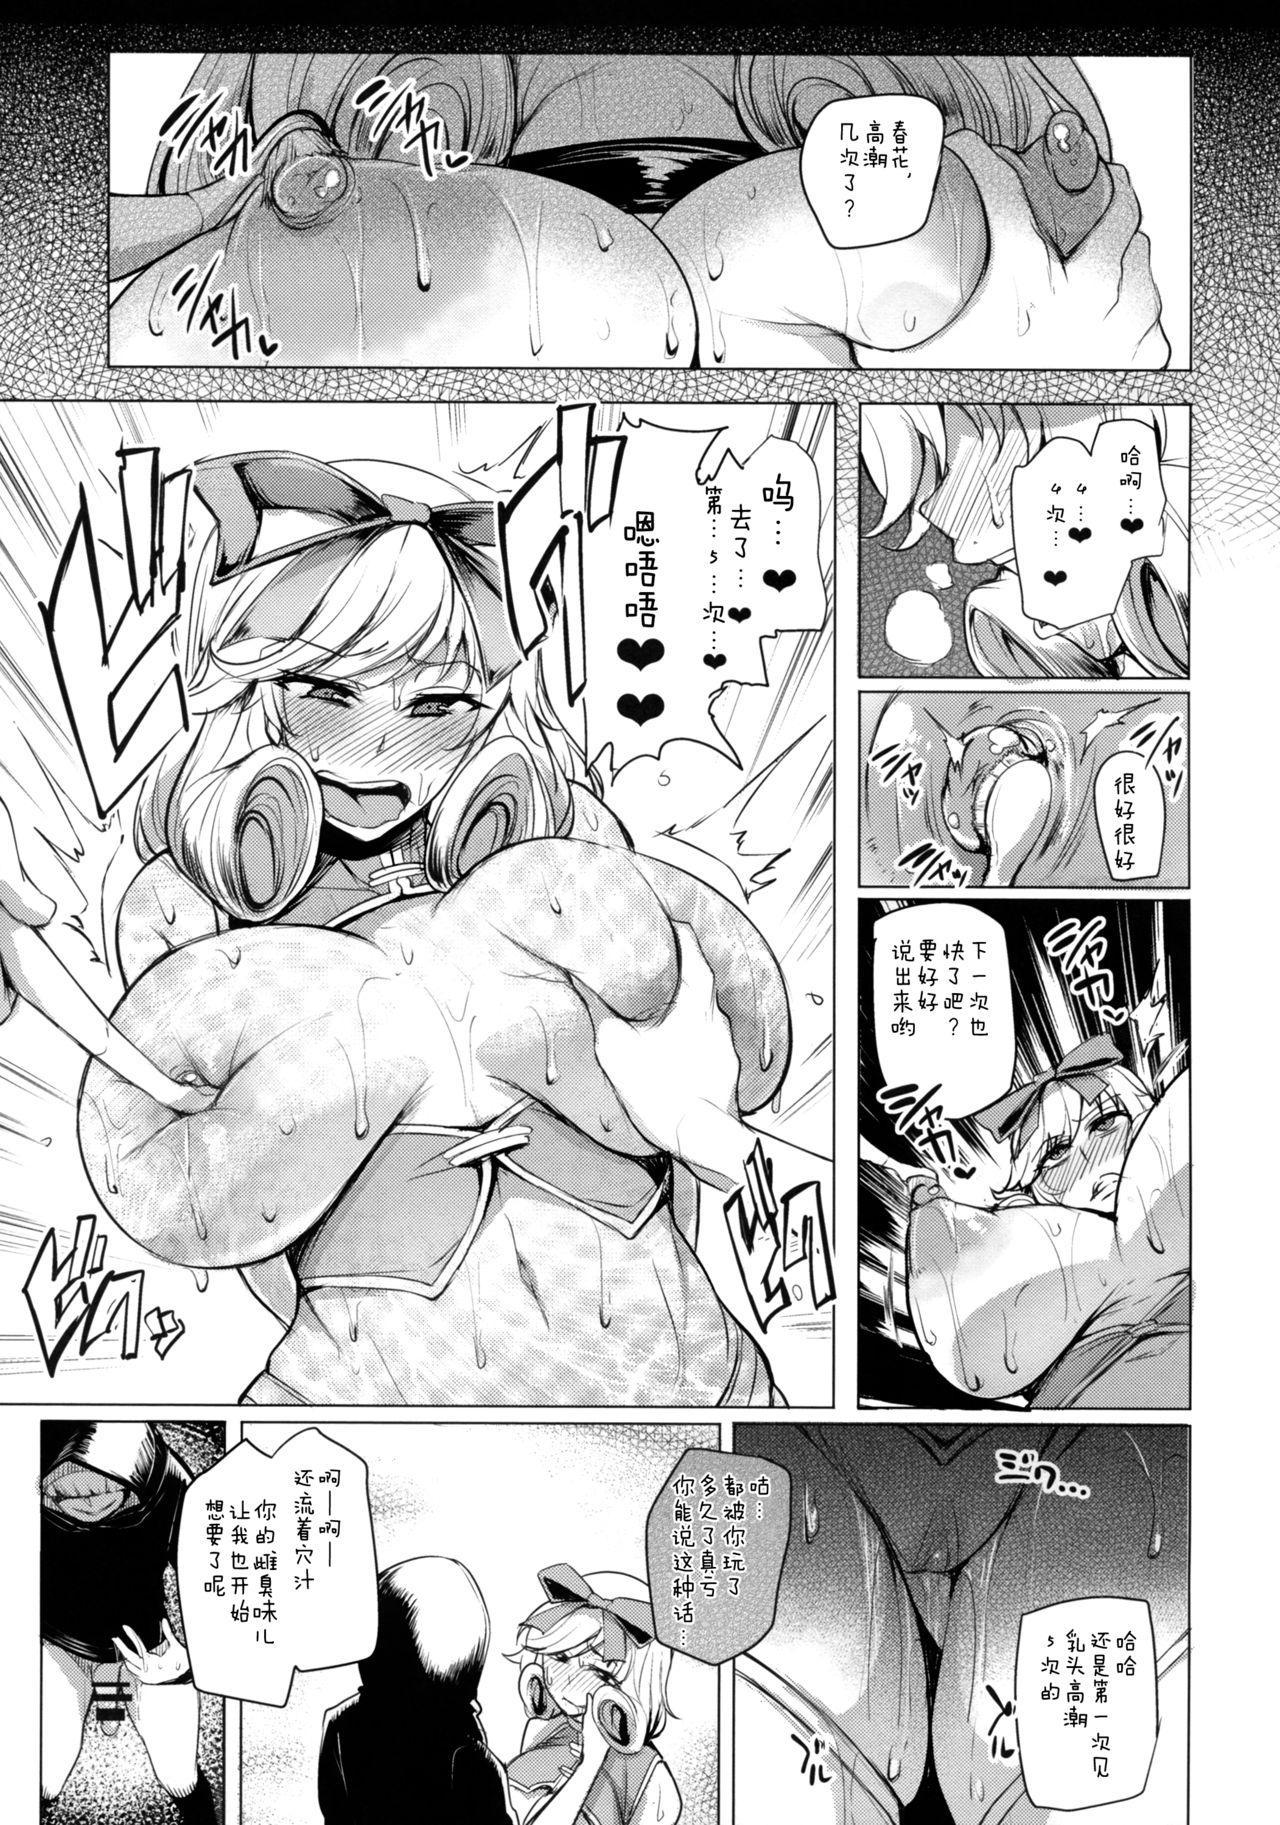 Haruka-sama, Usui Hon no Sadame de Mai Junjichae 17